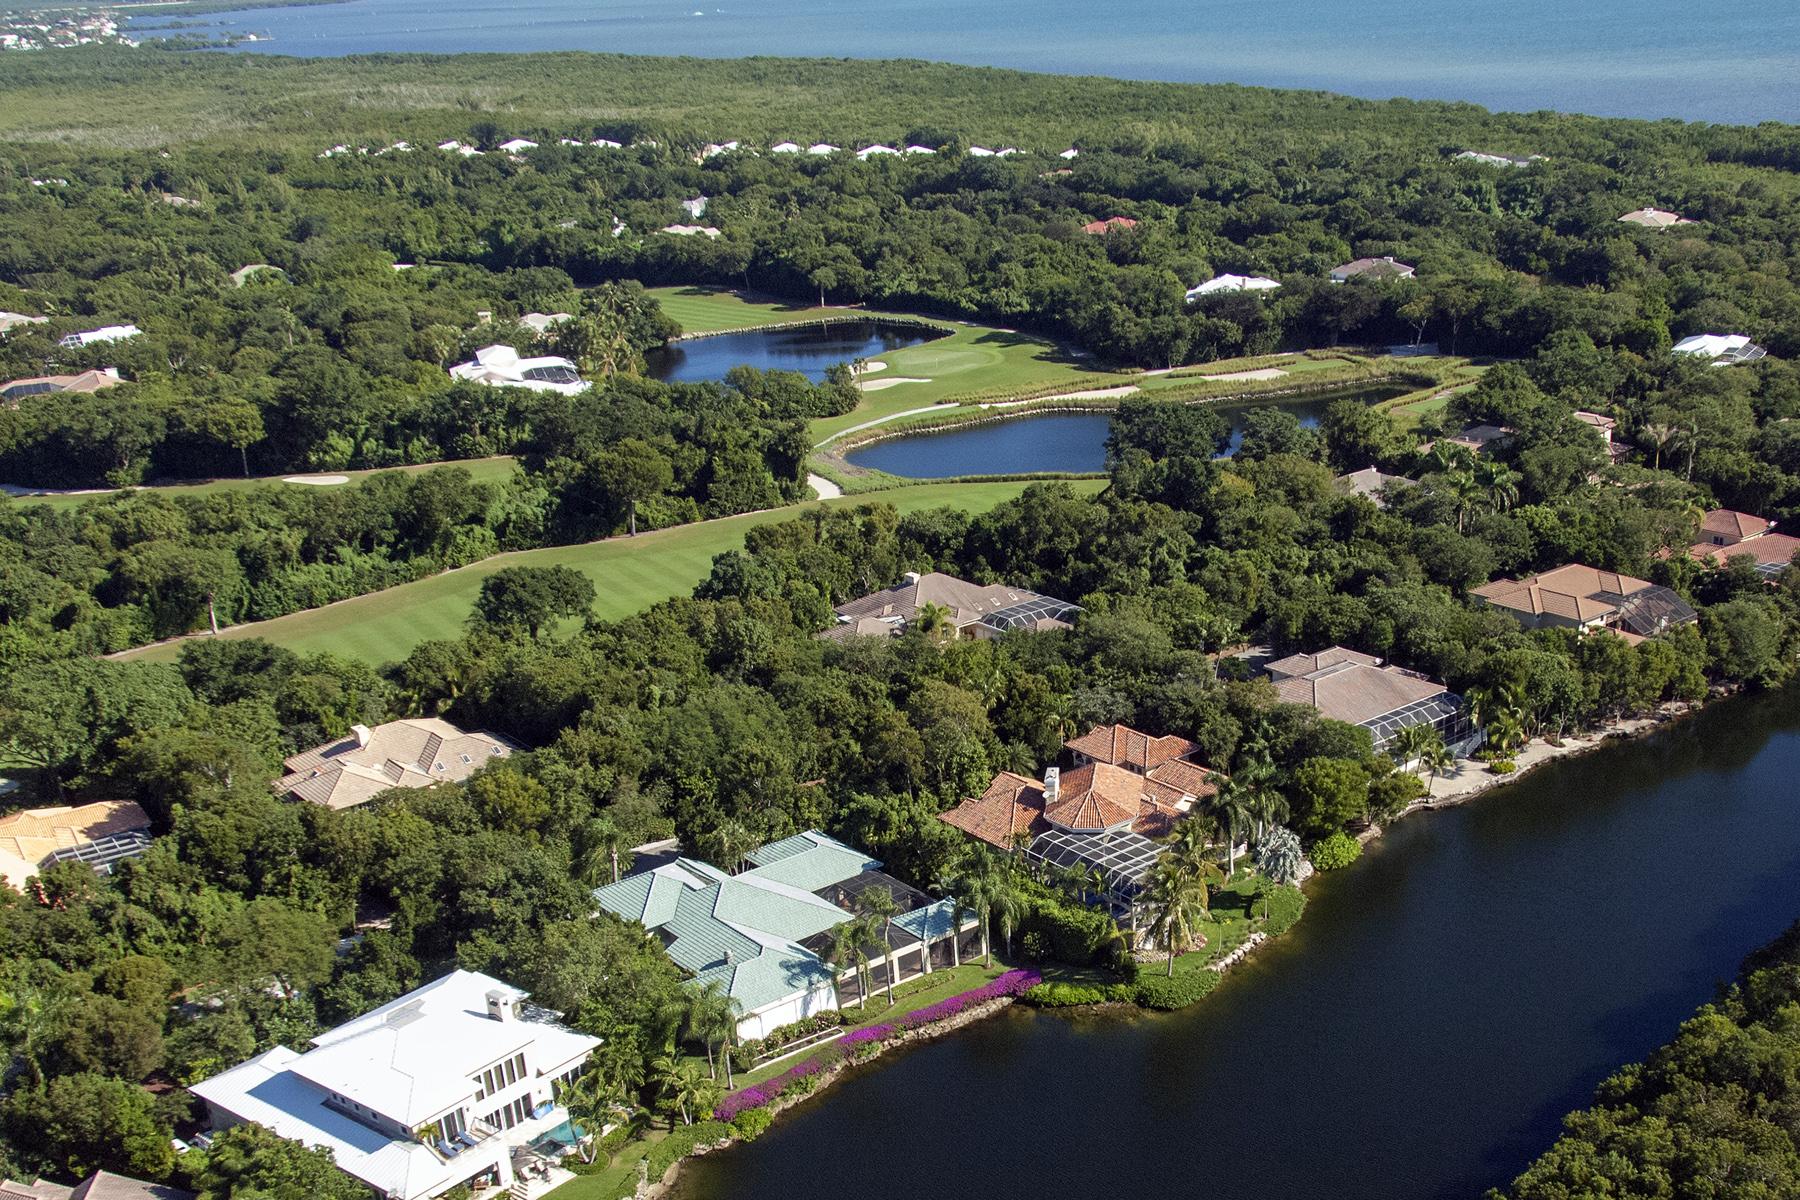 土地 为 销售 在 Golf Course Buildable Lot at Ocean Reef 421 South Harbor Drive Ocean Reef Community, 拉哥, 佛罗里达州, 33037 美国